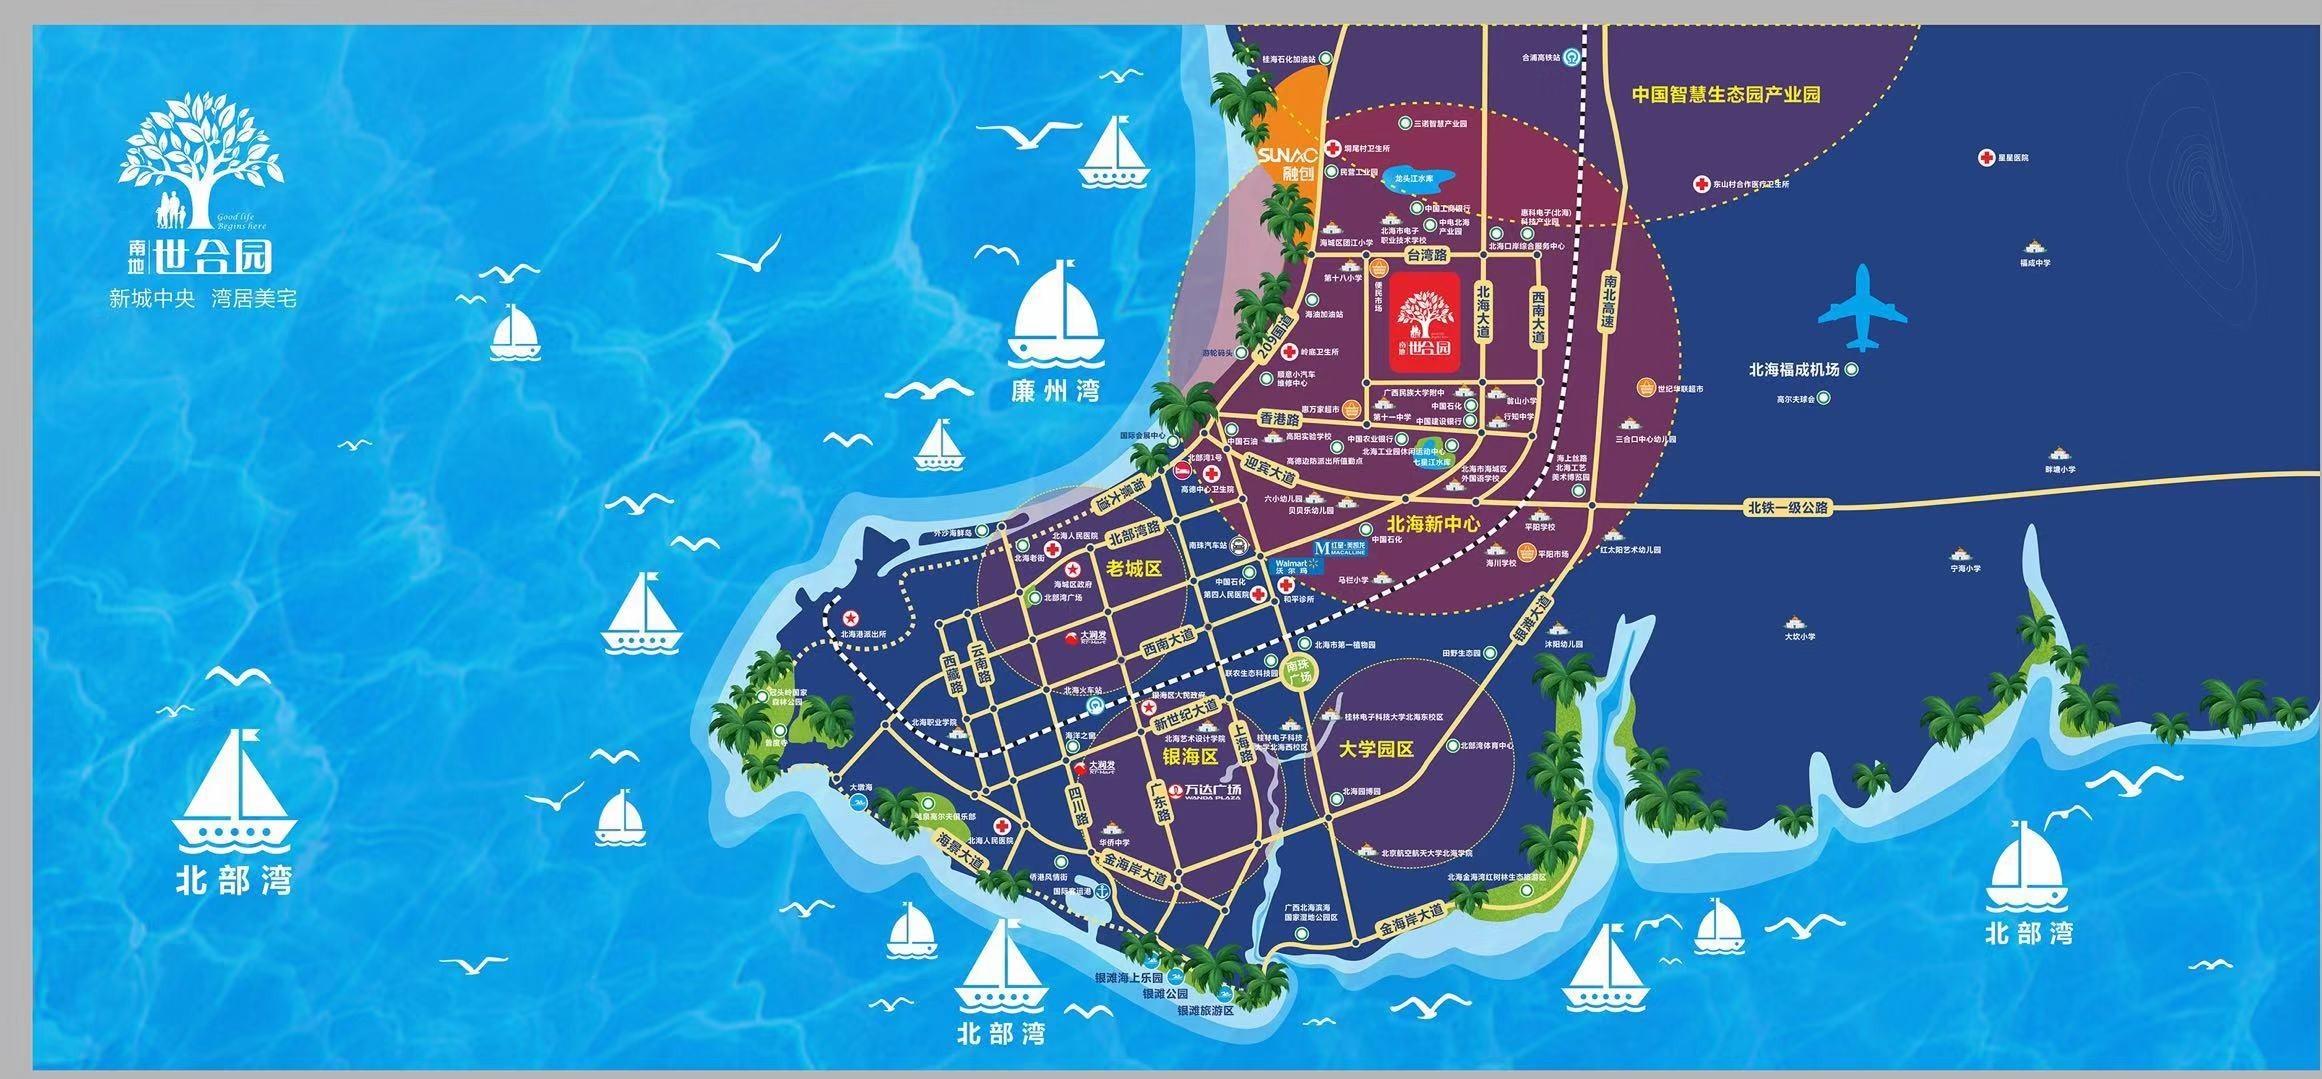 南地世合园位置图